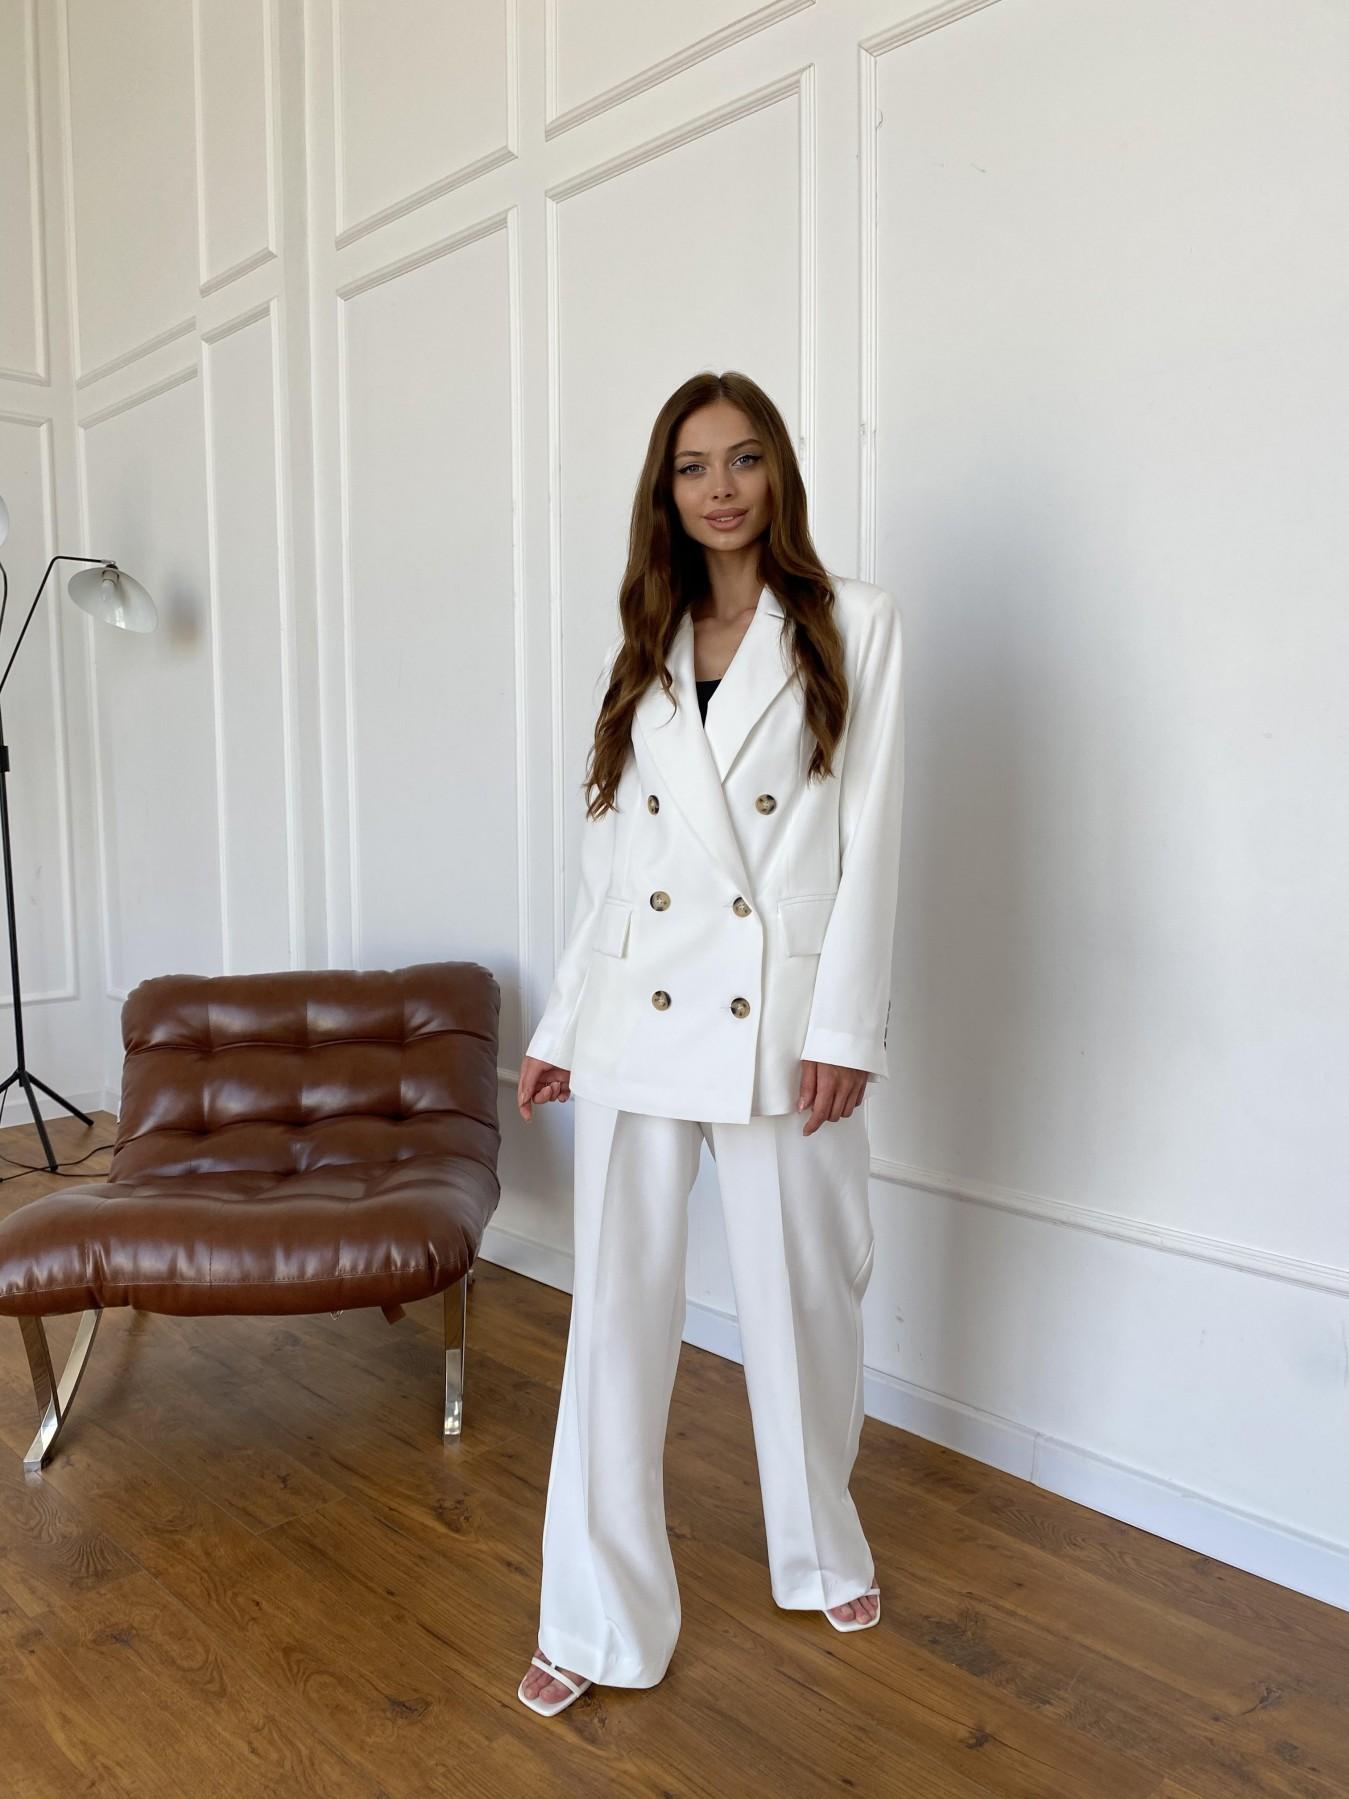 Белисимо  костюм стрейч из костюмной ткани 11217 АРТ. 47899 Цвет: Молоко 1 - фото 4, интернет магазин tm-modus.ru